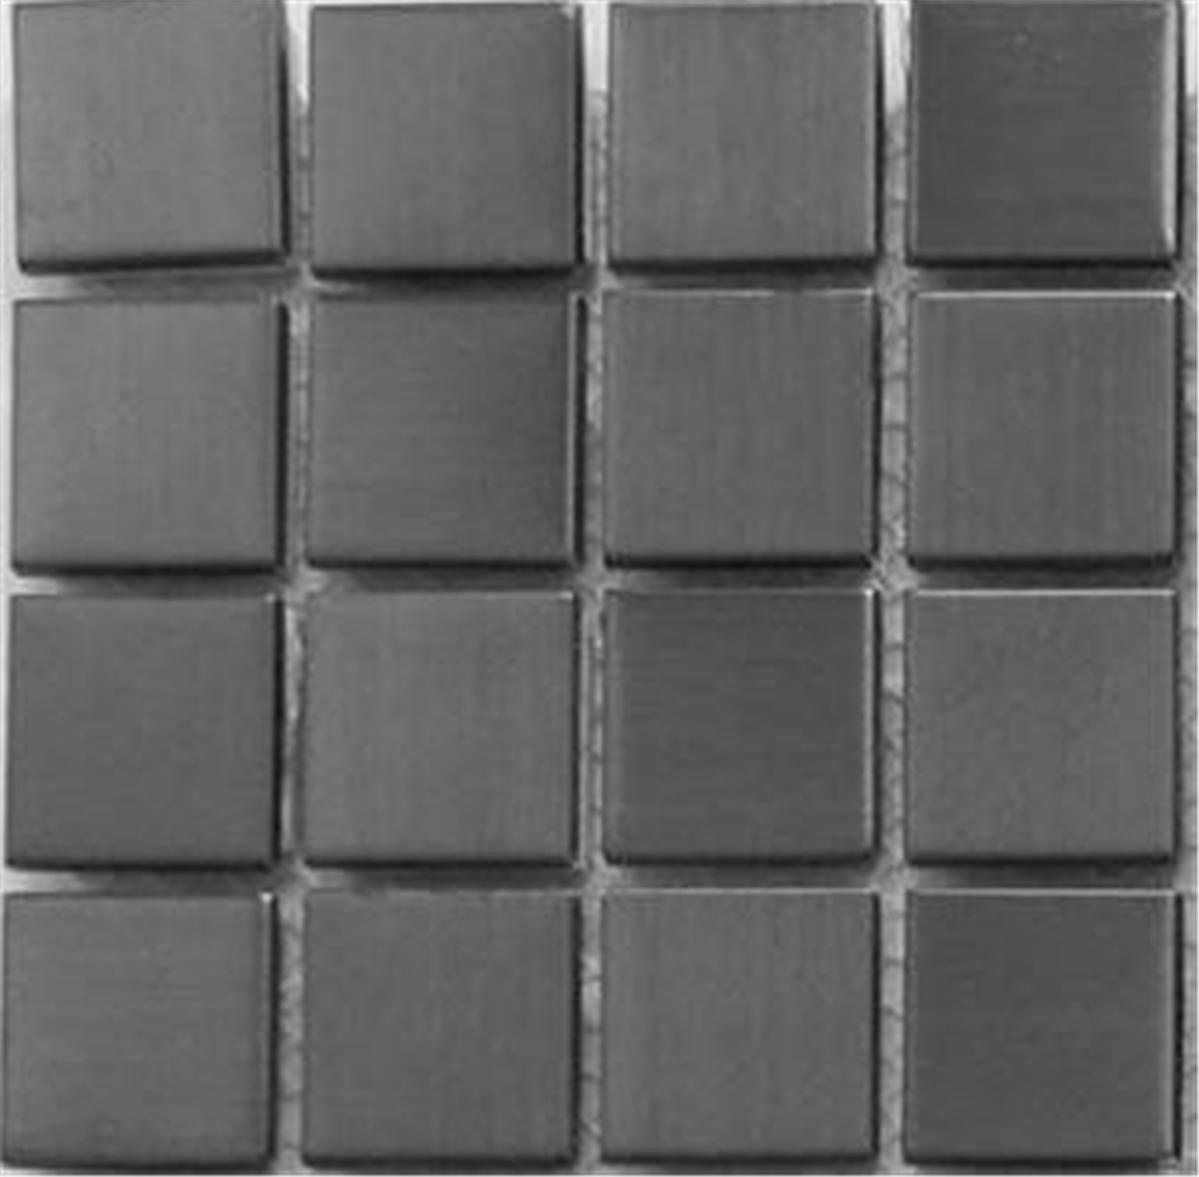 10x10cm Sample Stainless Steel Brushed Black Metal Mosaic Tiles Sheet MT0038 Grand Taps